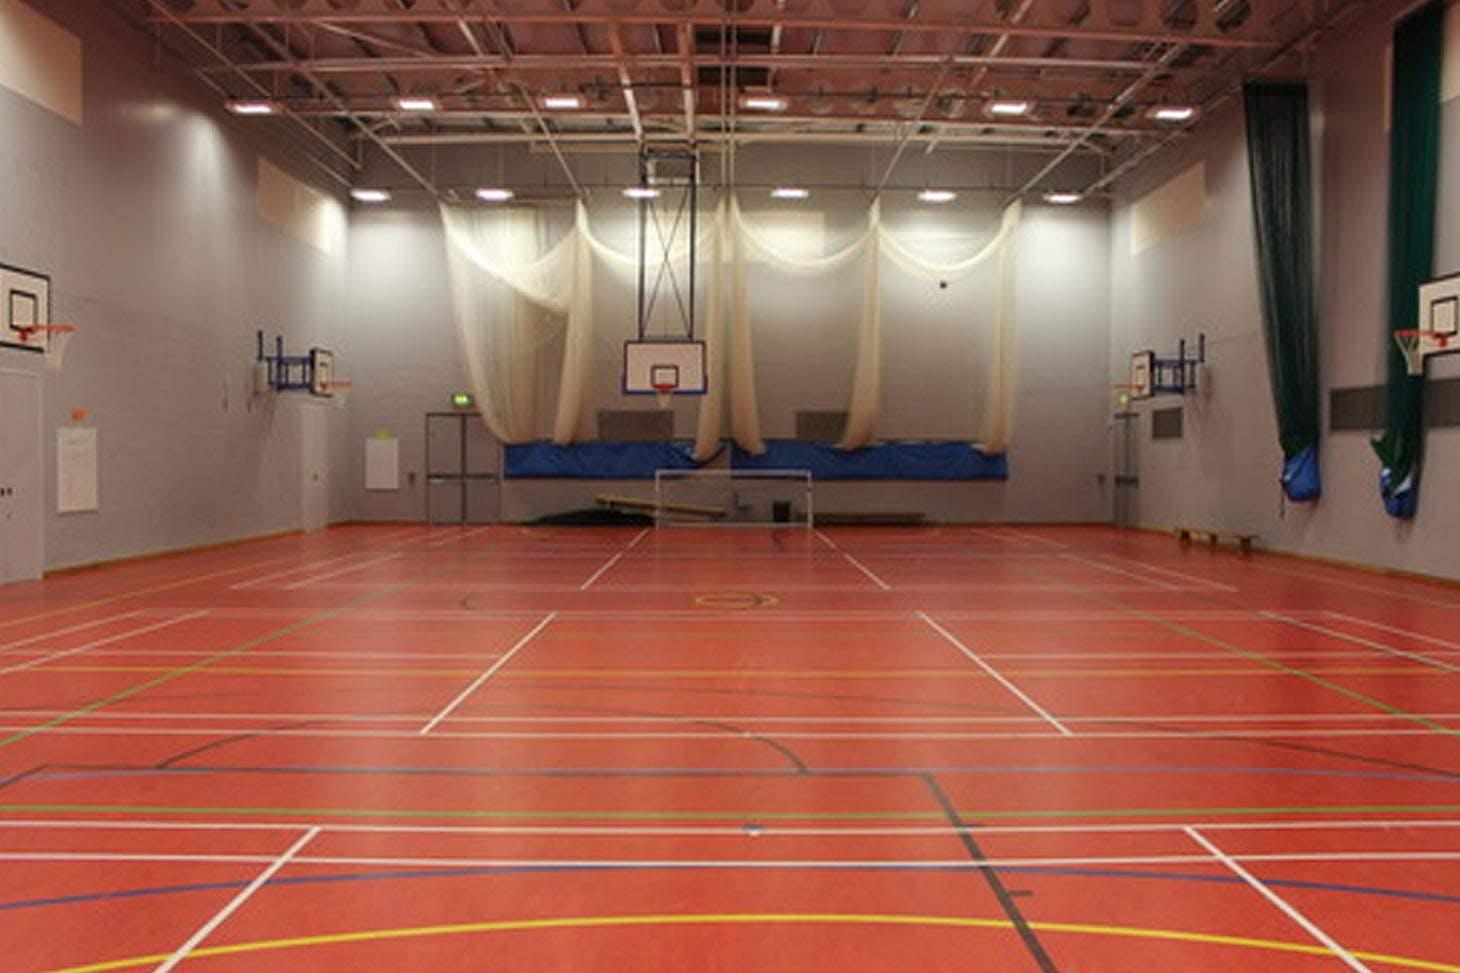 Holte School Indoor netball court